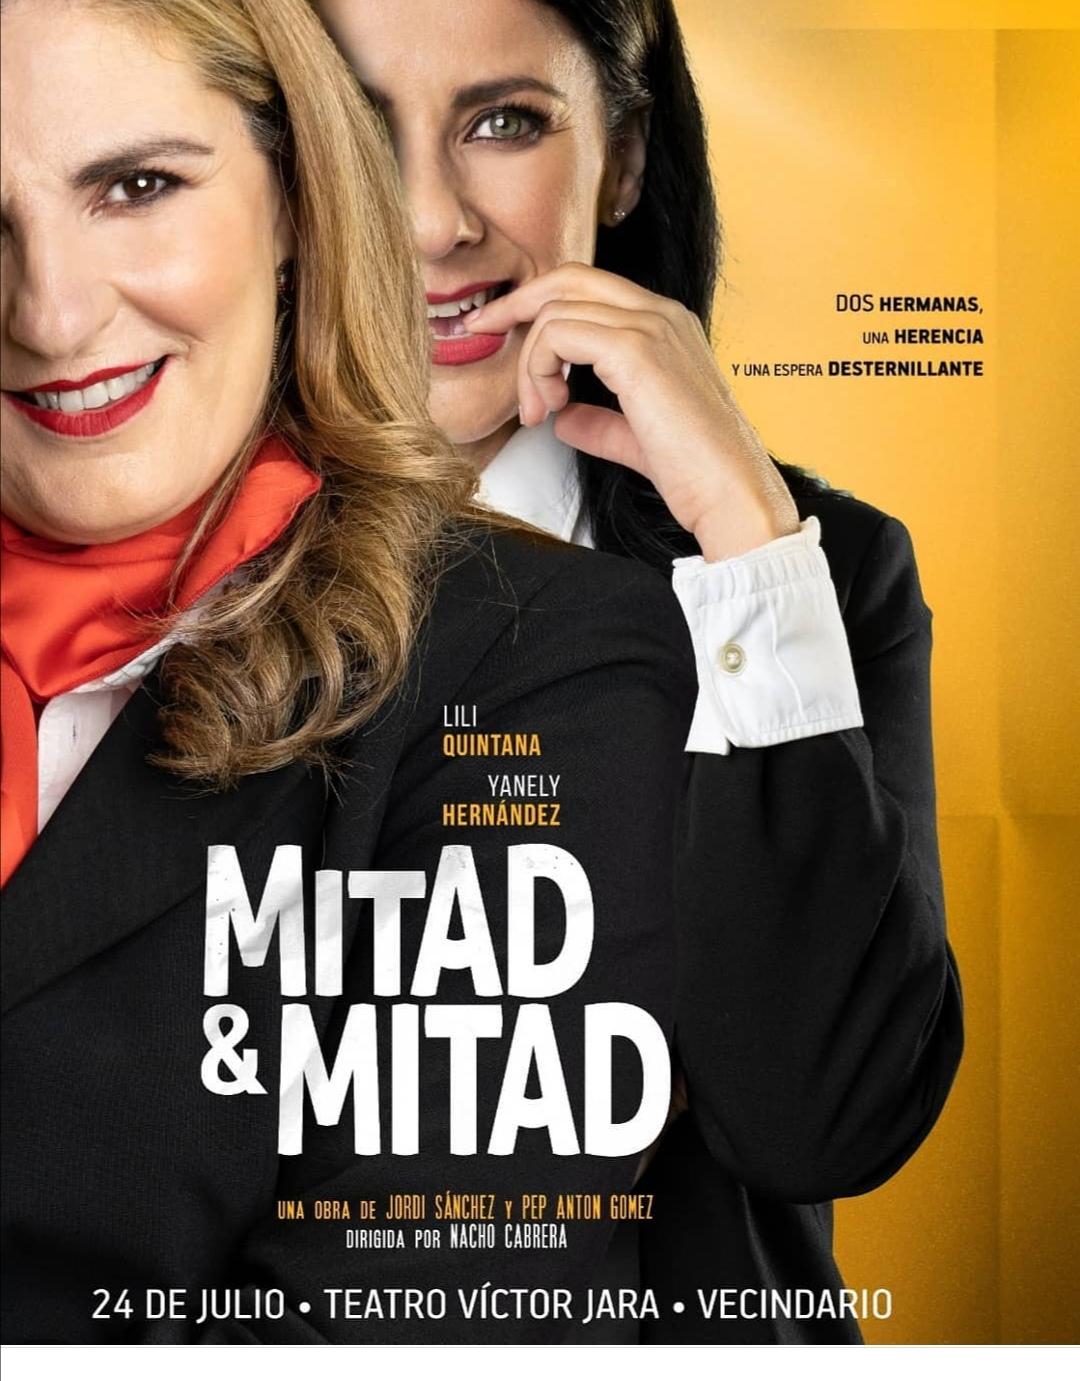 Se presenta en el teatro Víctor Jara de Vecindario la comedia 'Mitad y mitad', que protagonizan Lili Quintana y Yanely Hernández